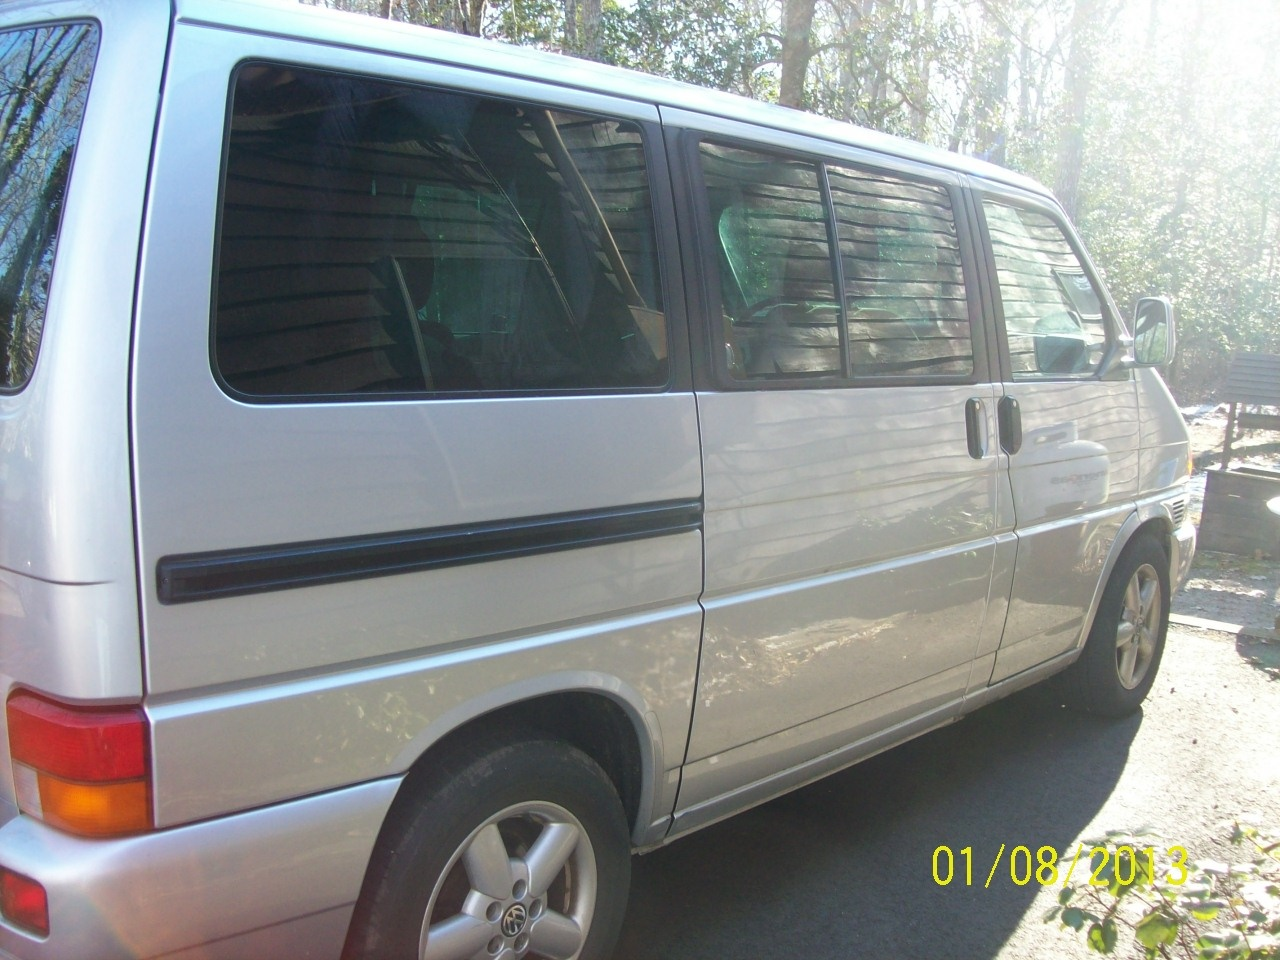 Picture of 2002 Volkswagen EuroVan 3 Dr GLS Passenger Van